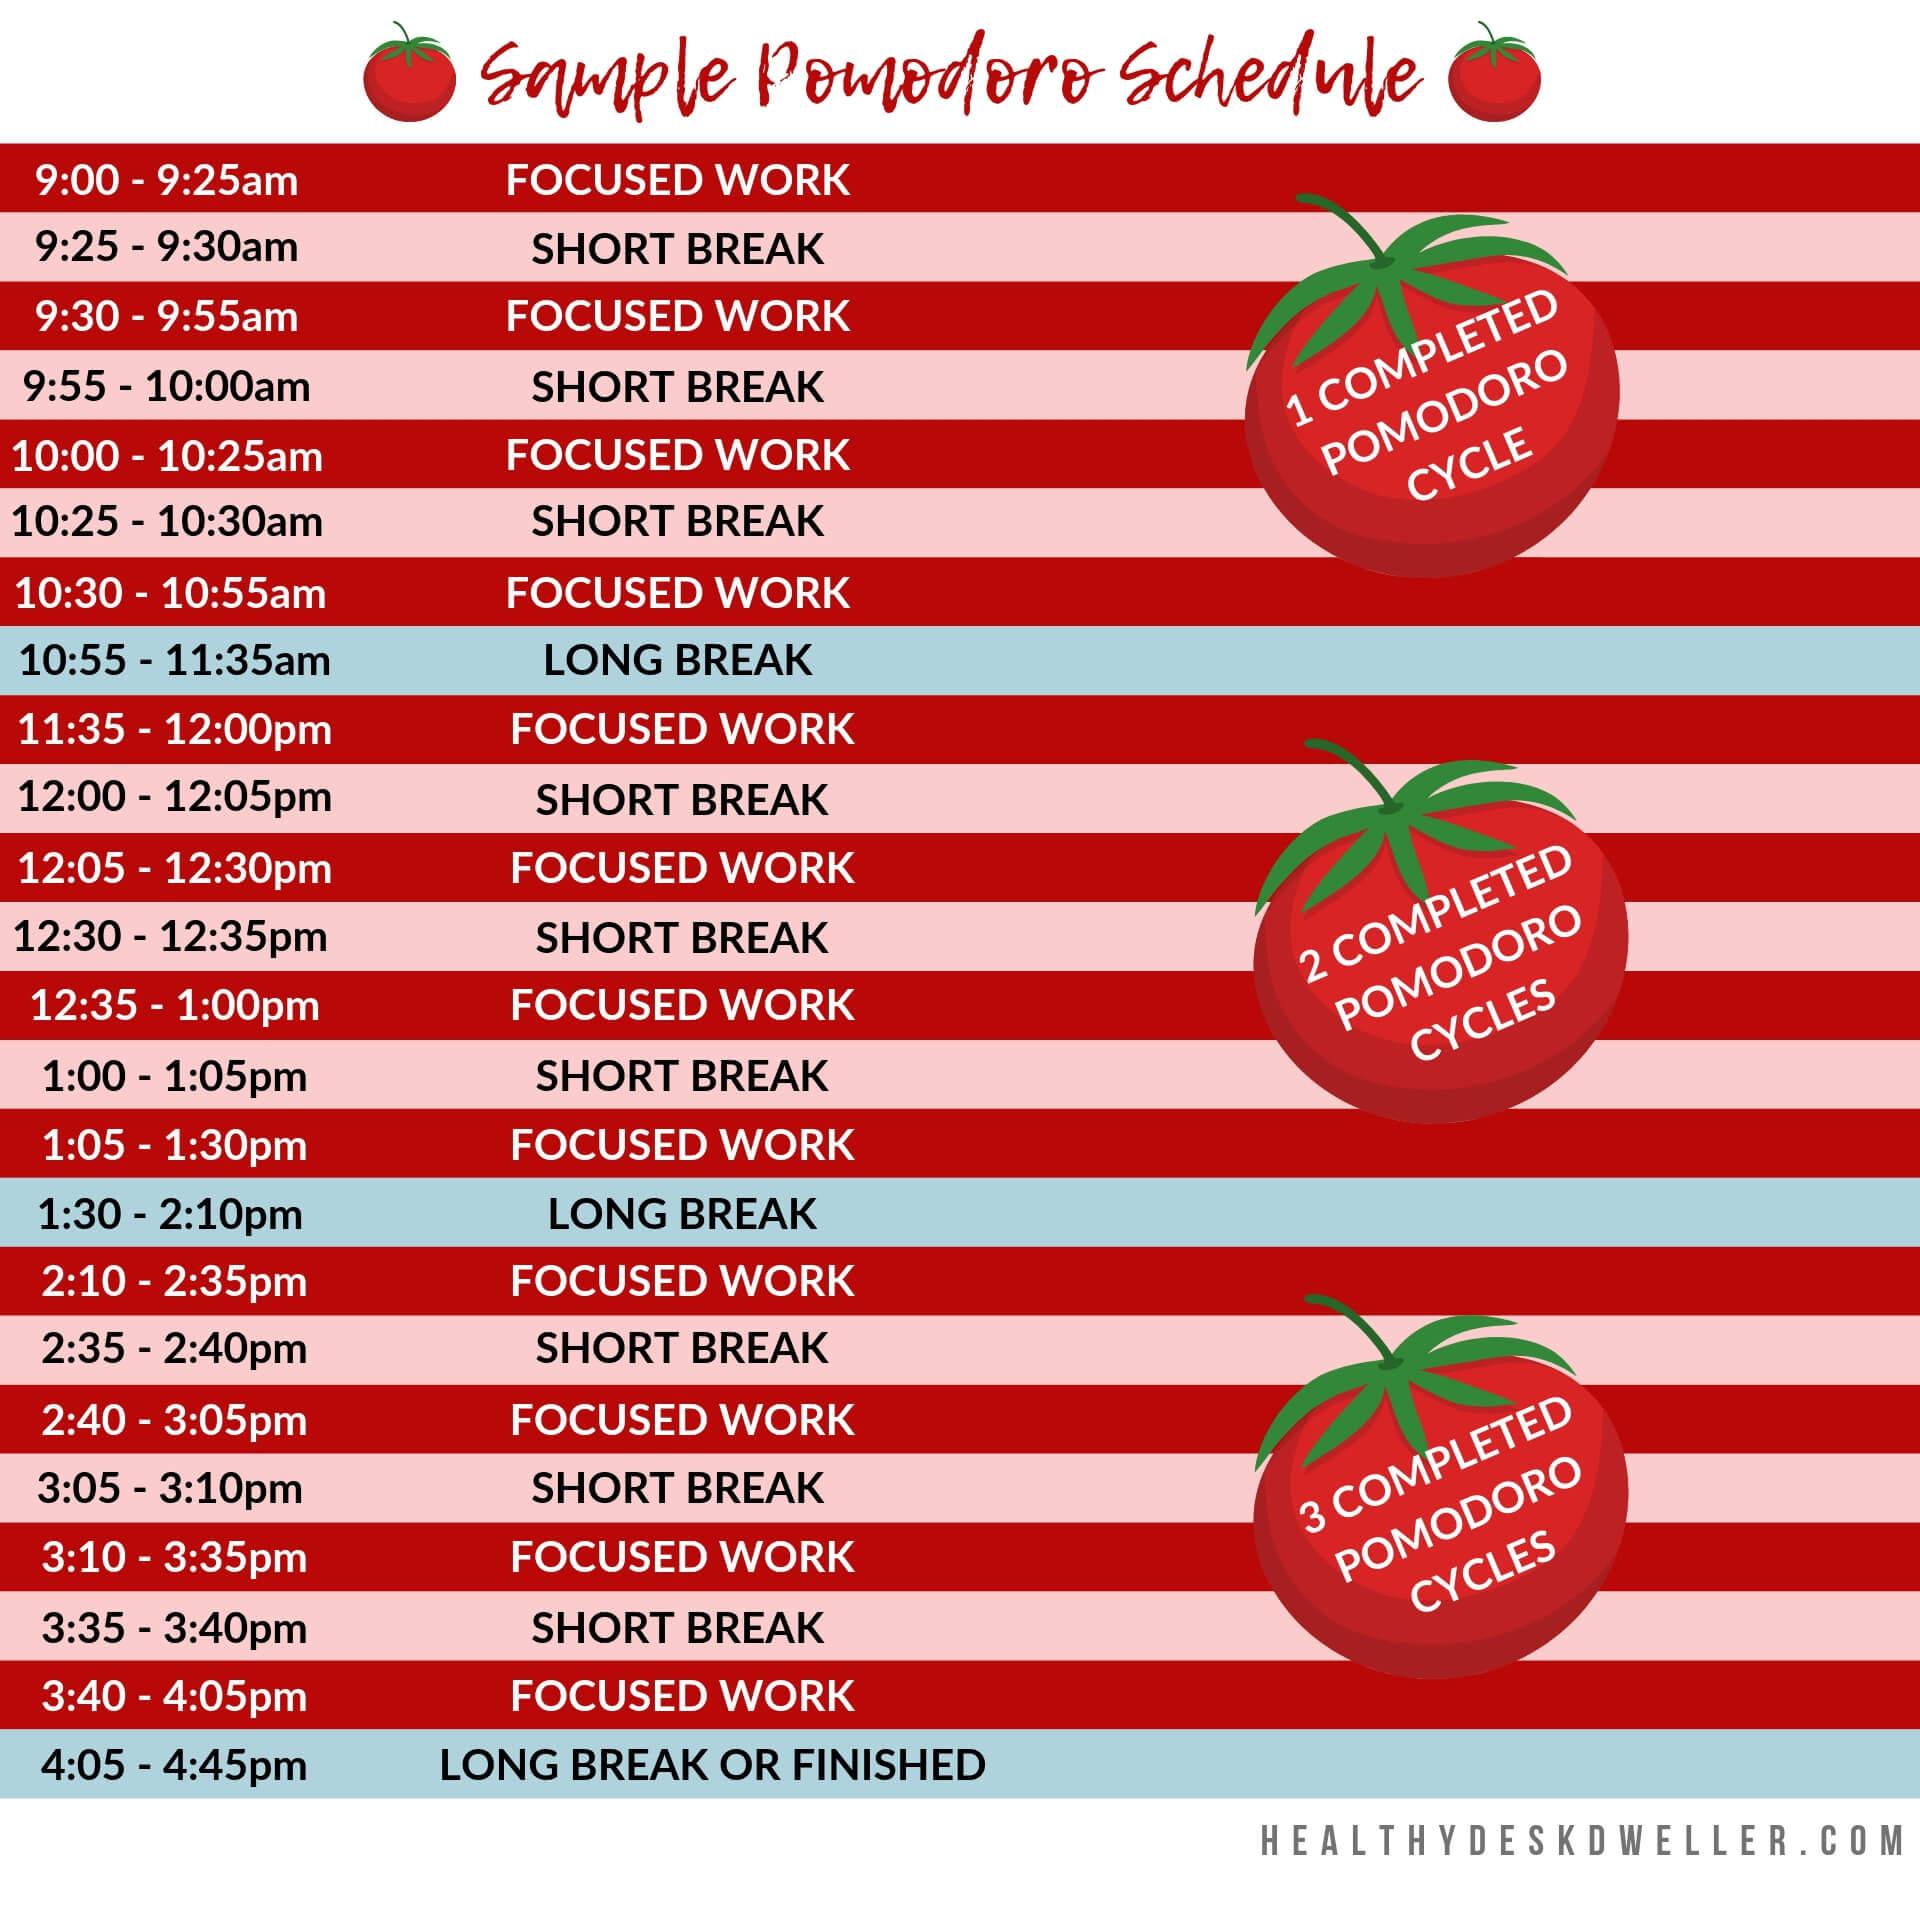 Sample Pomodoro Schedule